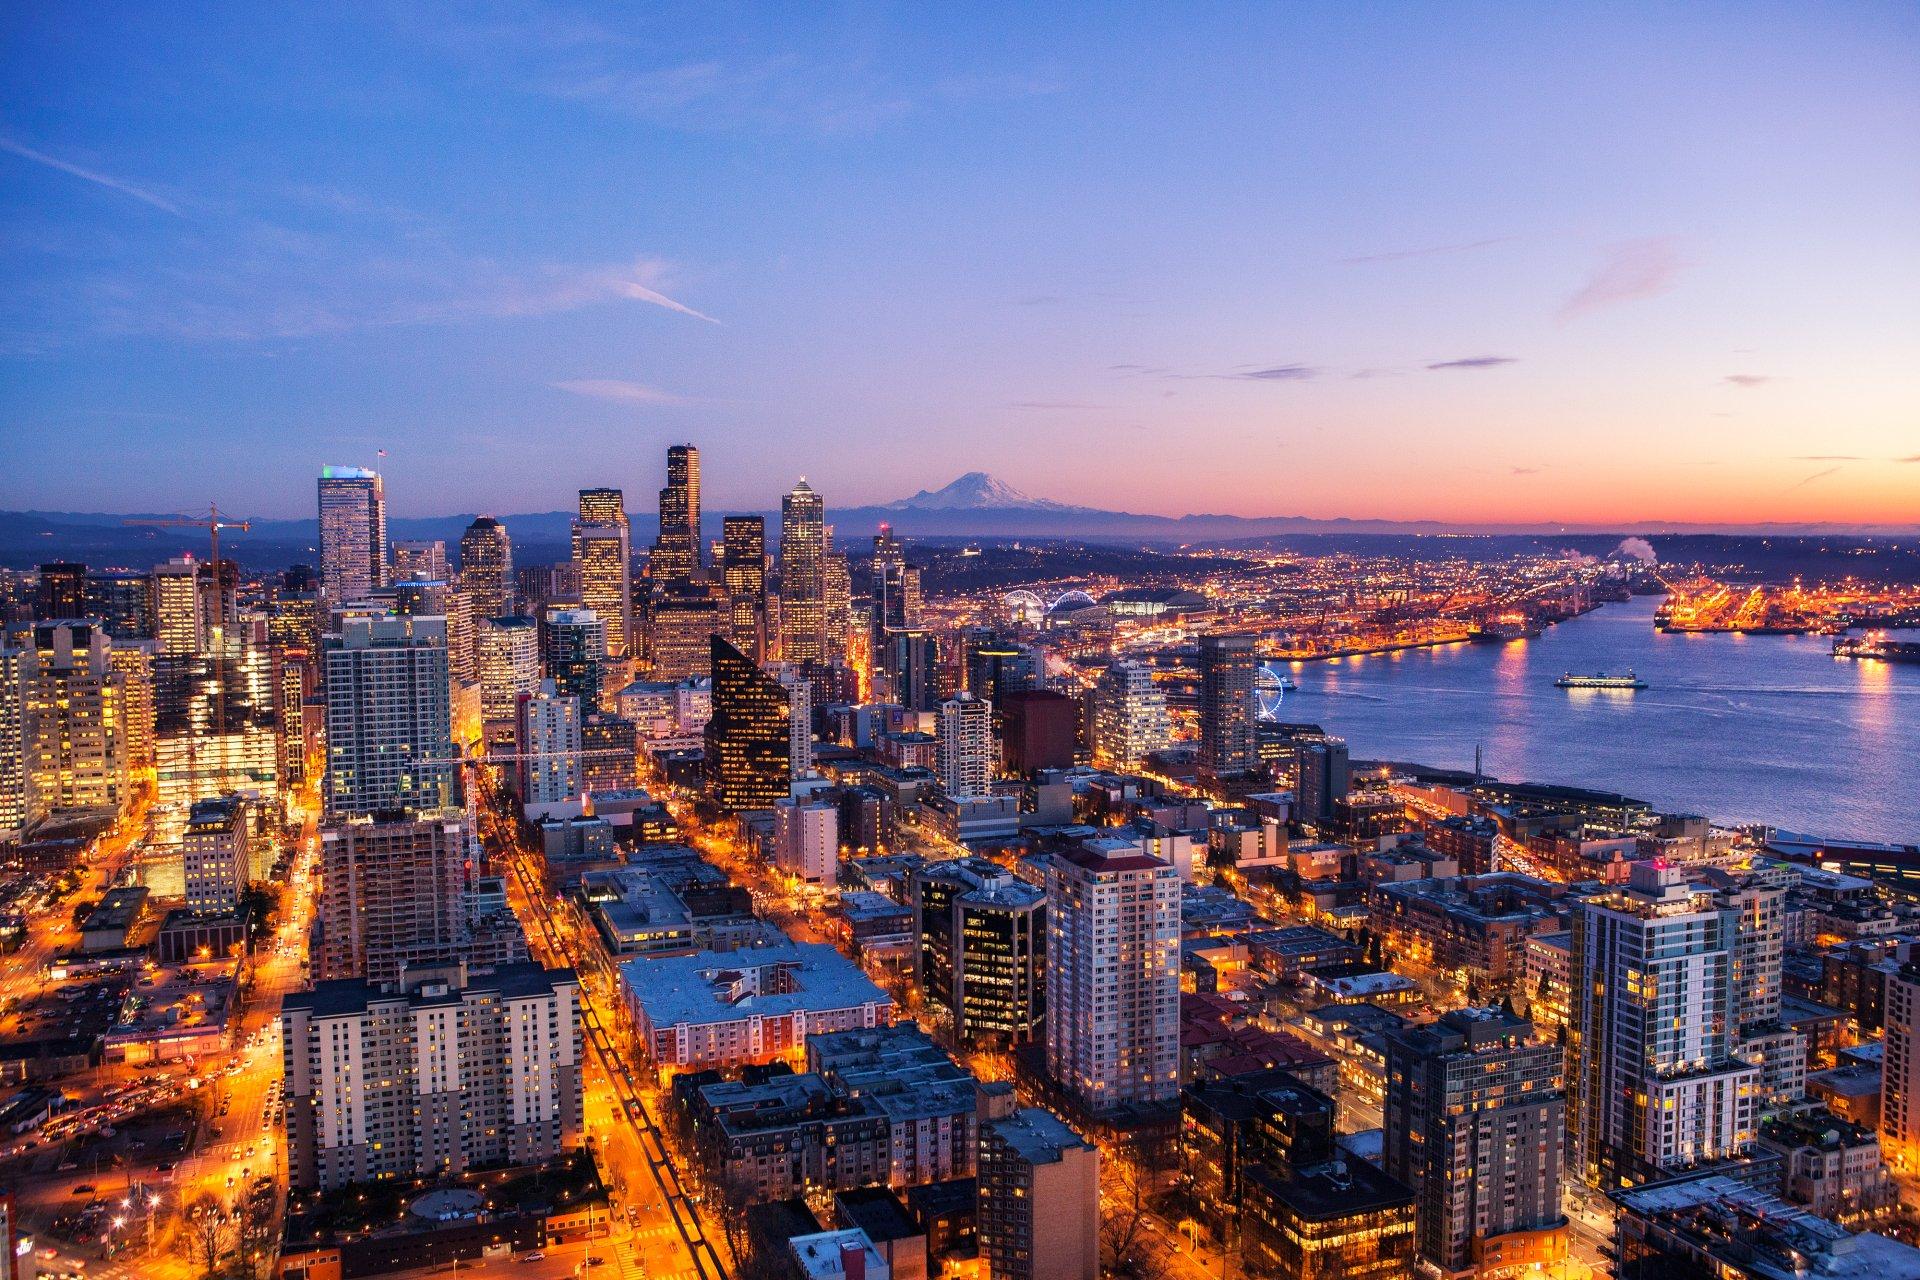 Seattle 4k Ultra Hd Wallpaper Background Image